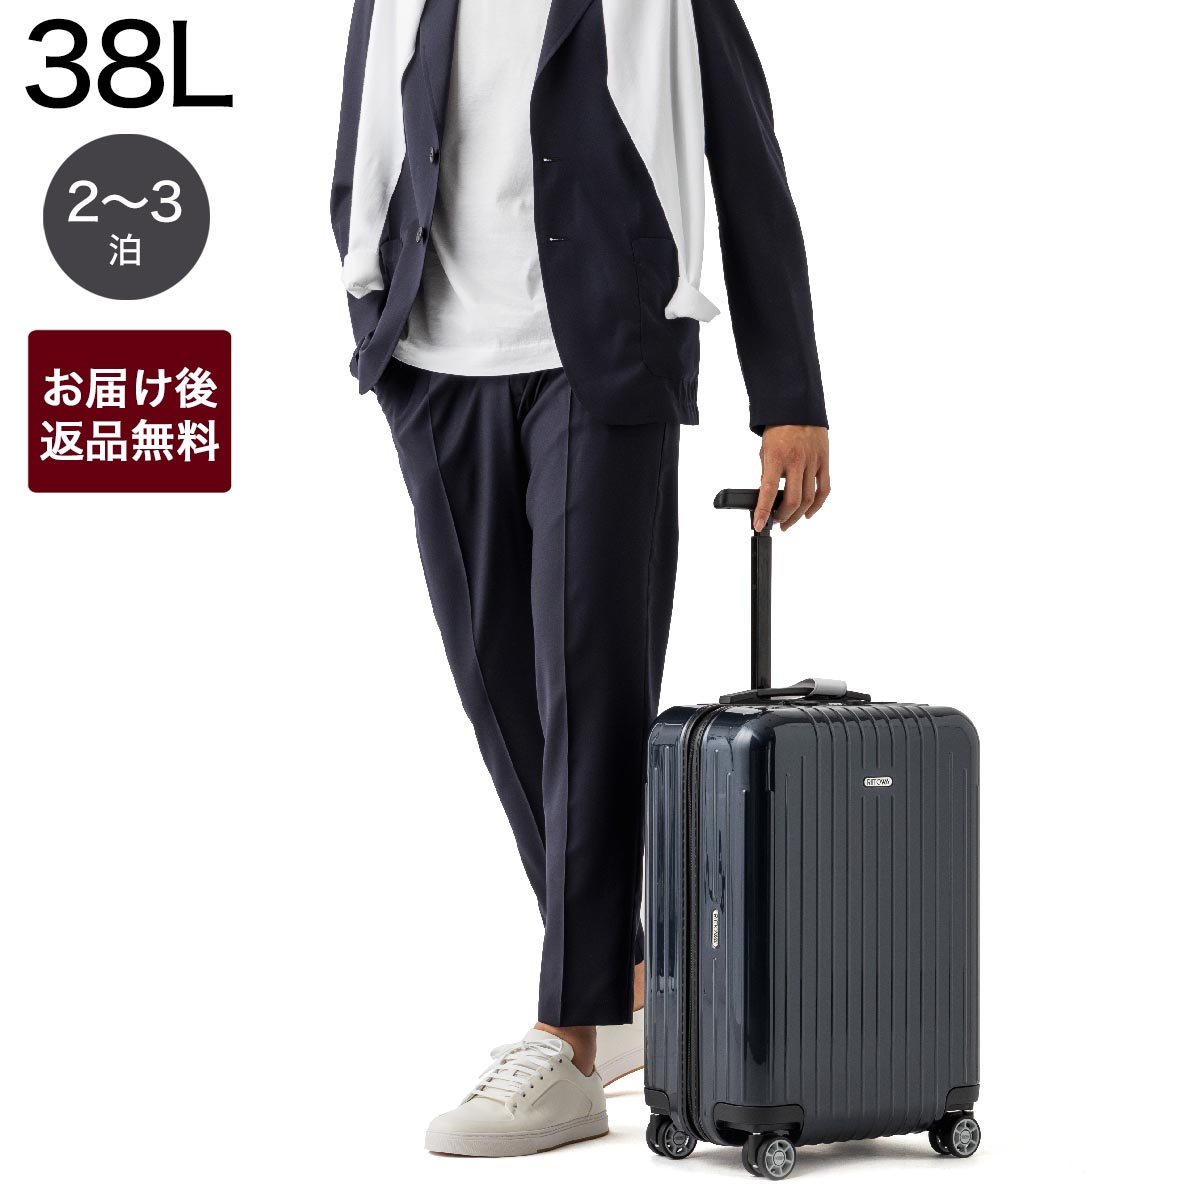 リモワ RIMOWA suitcase carry case blue men gap Dis trip large-capacity travel  business trip world first design fashion business trolley 820 53 25 4 SALSA